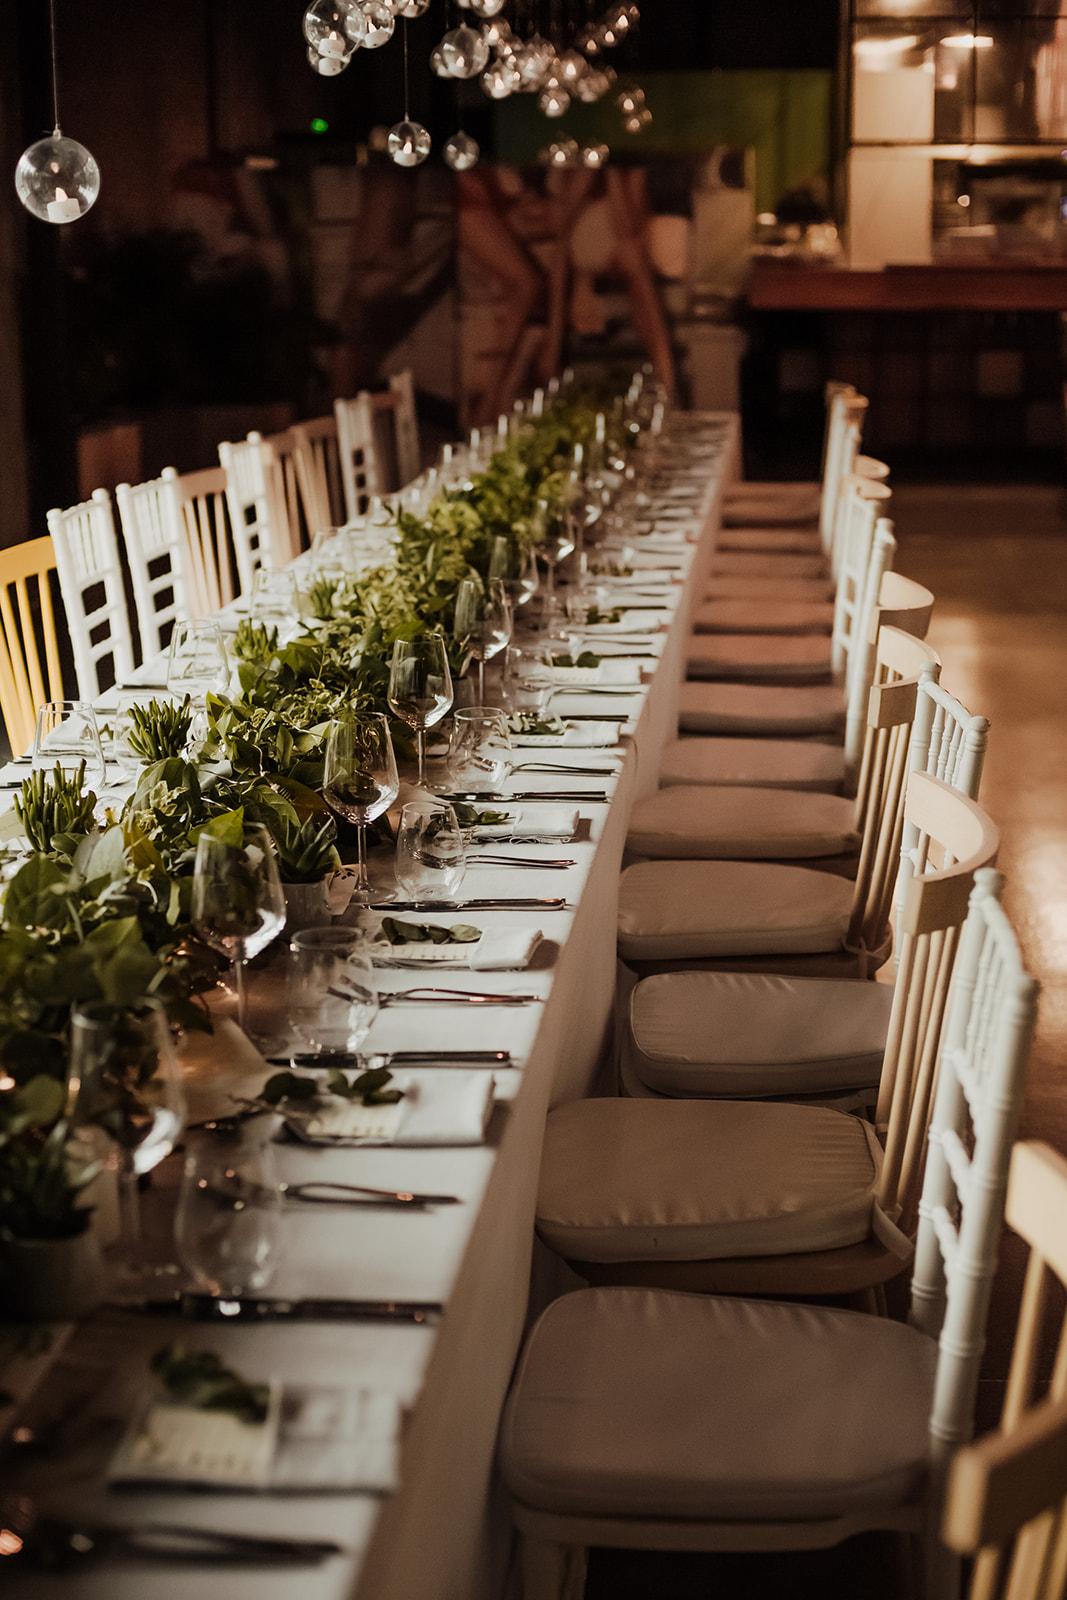 Decorations & Flowers - Maison DadooThe Wedding Company RoMugur de ZofDepartamentul de Dichis